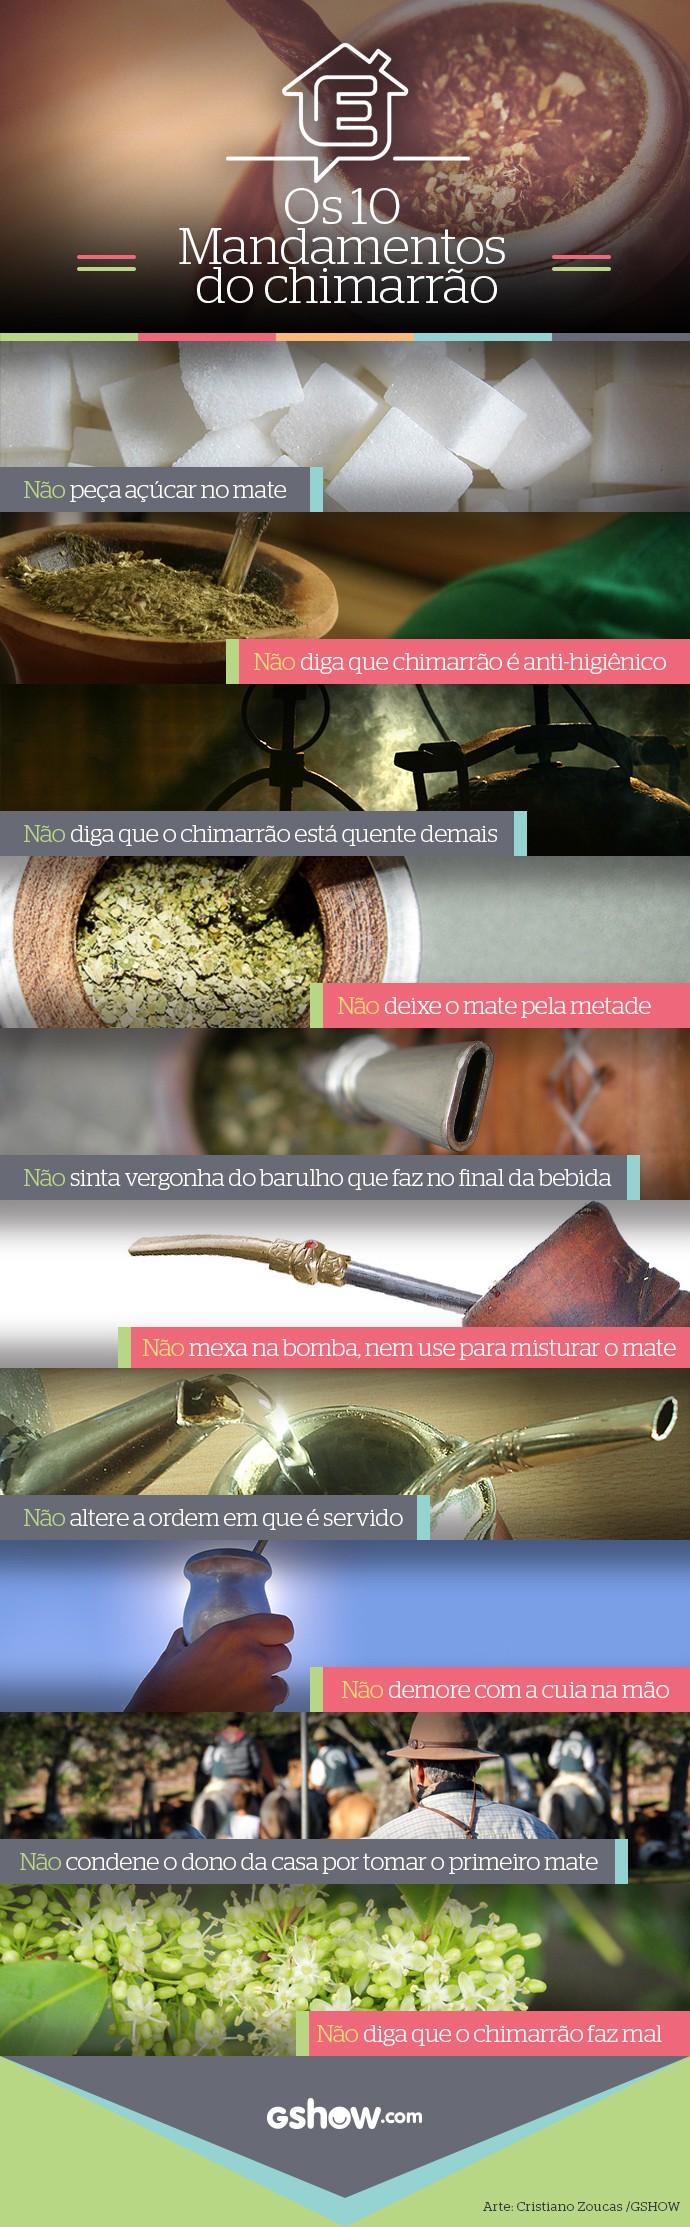 10 mandamentos do chimarrão (Foto: Cristiano Zoucas/Gshow)